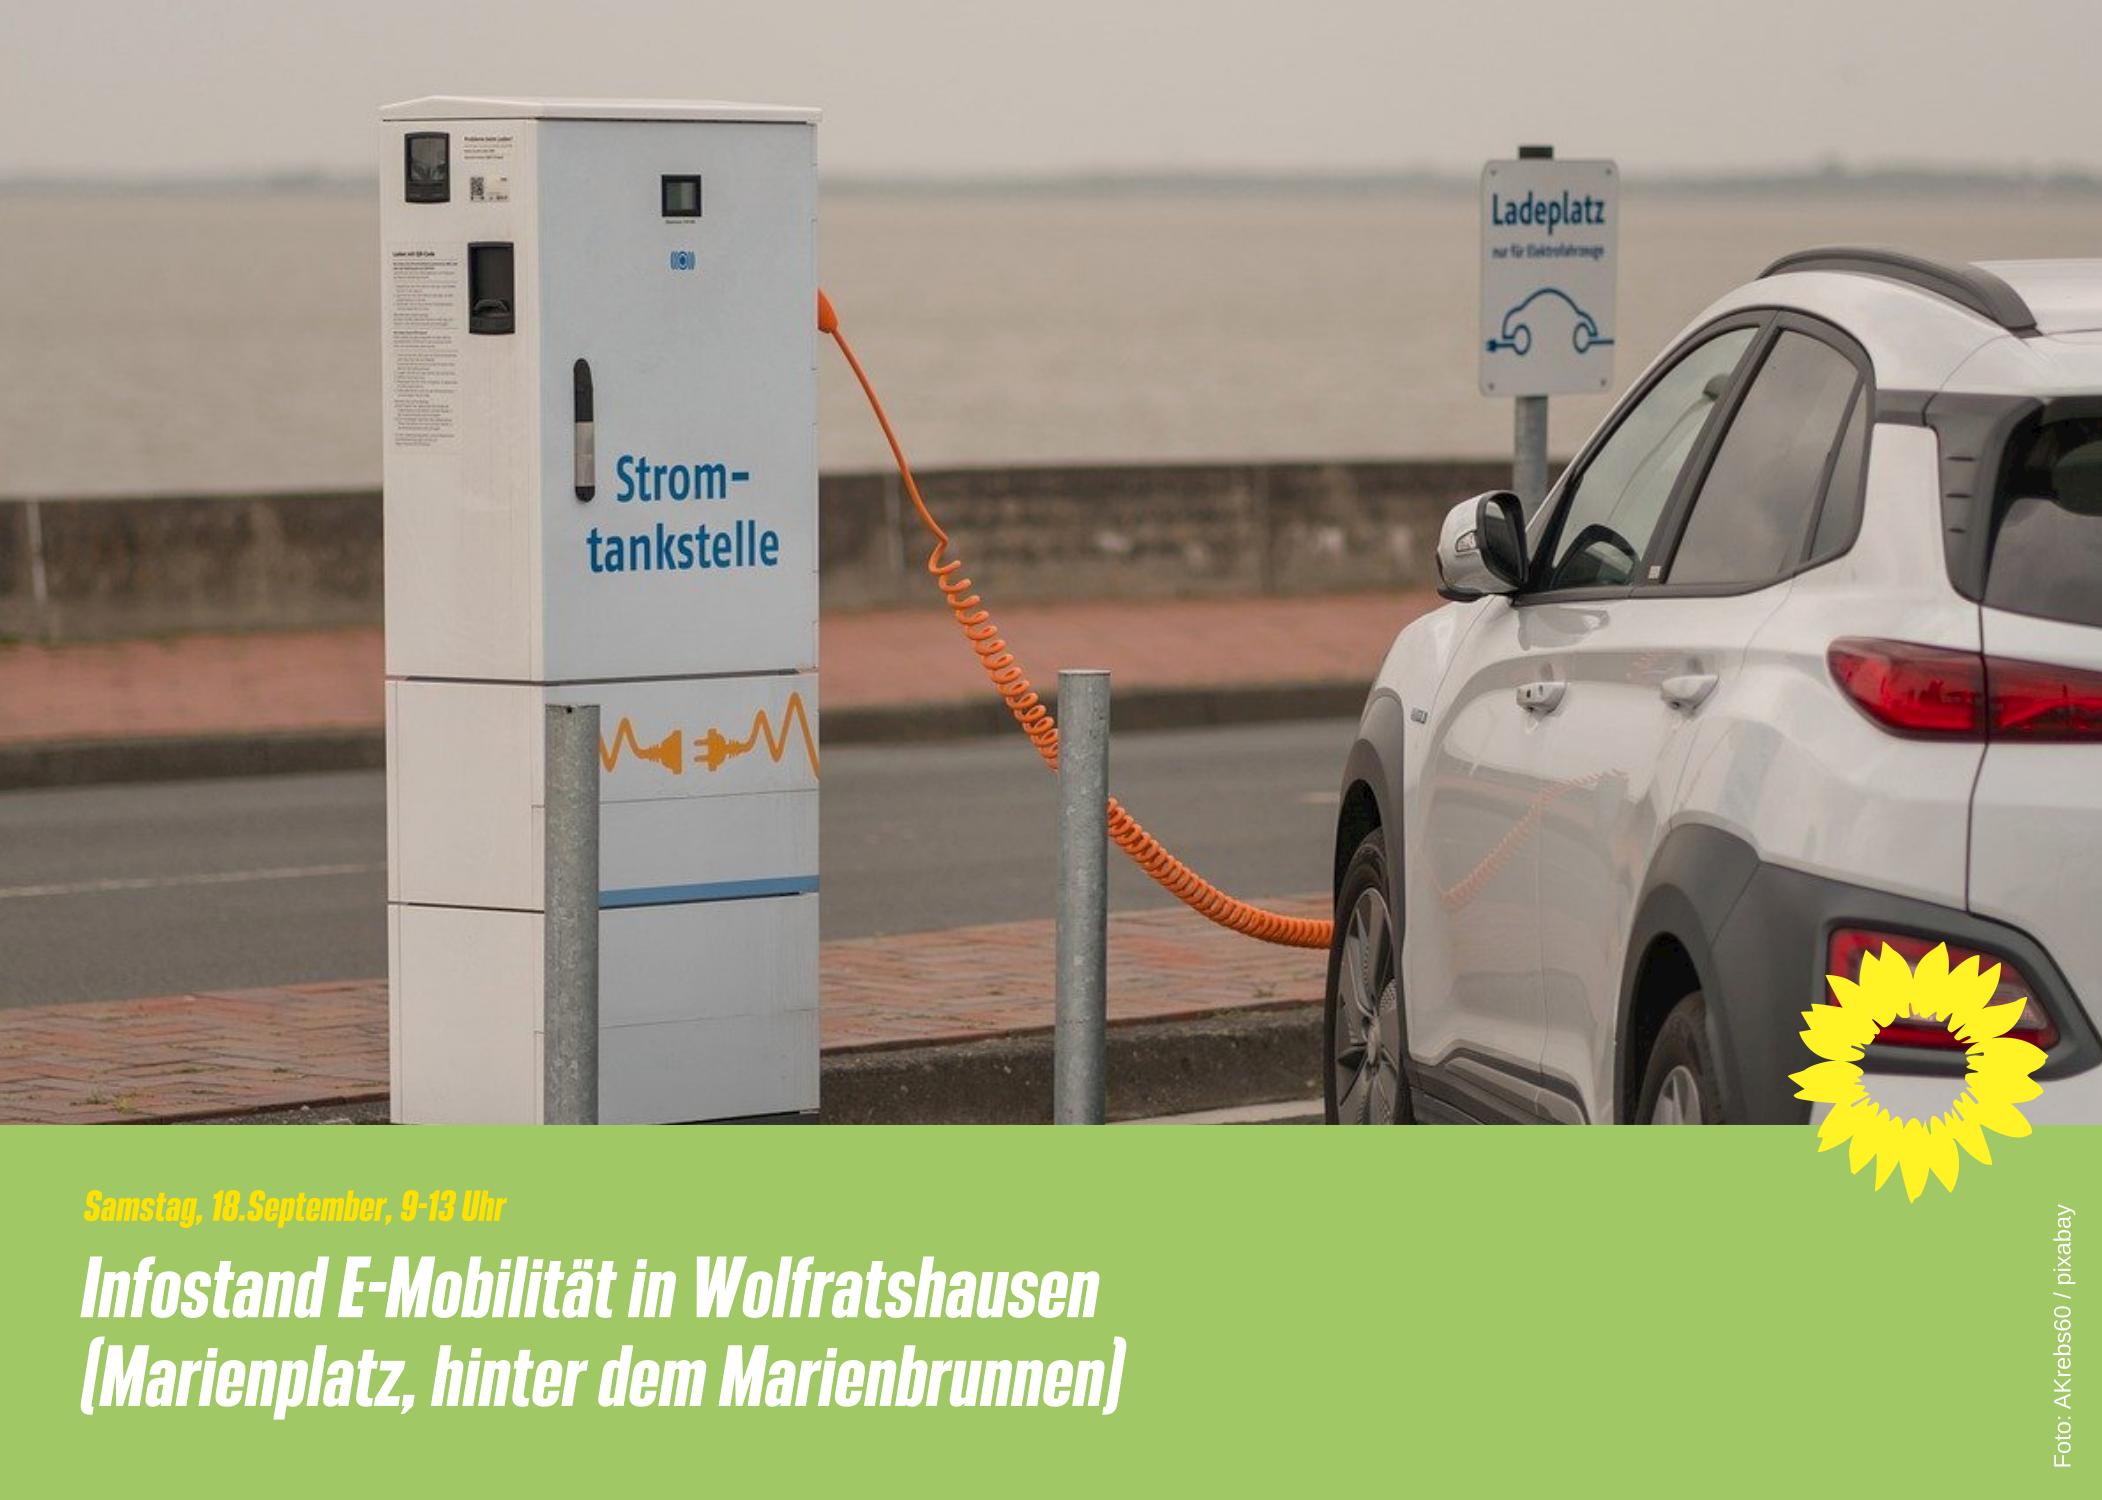 Infostand E-Mobilität in Wolfratshausen